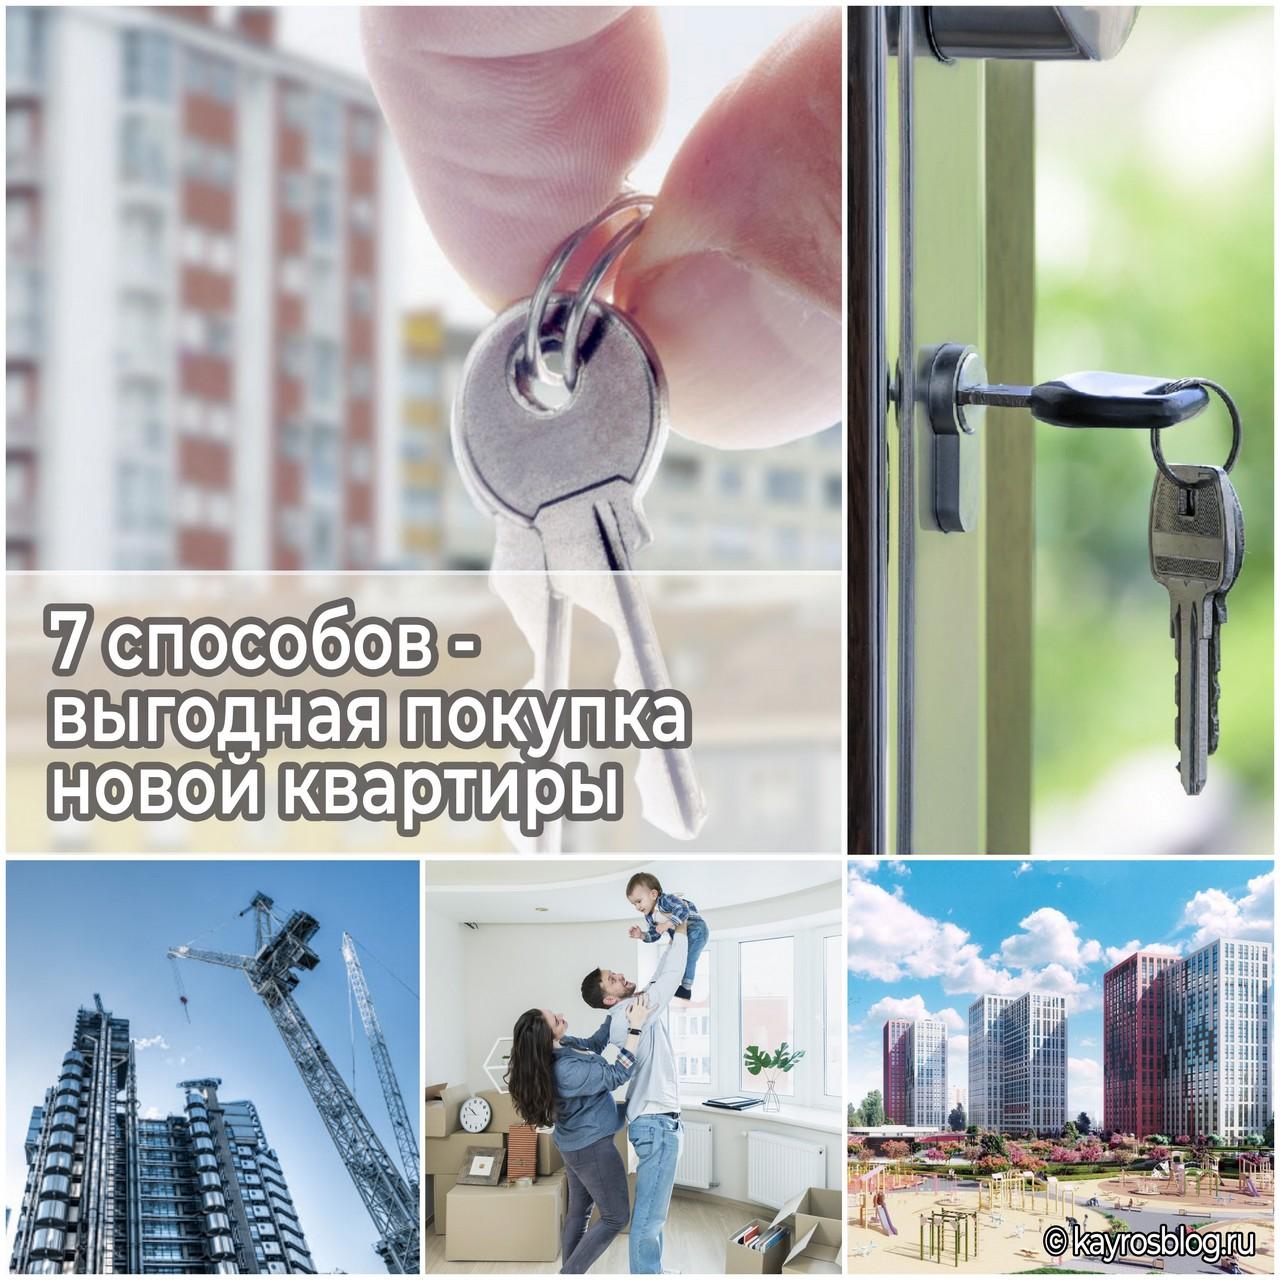 7 способов - выгодная покупка новой квартиры